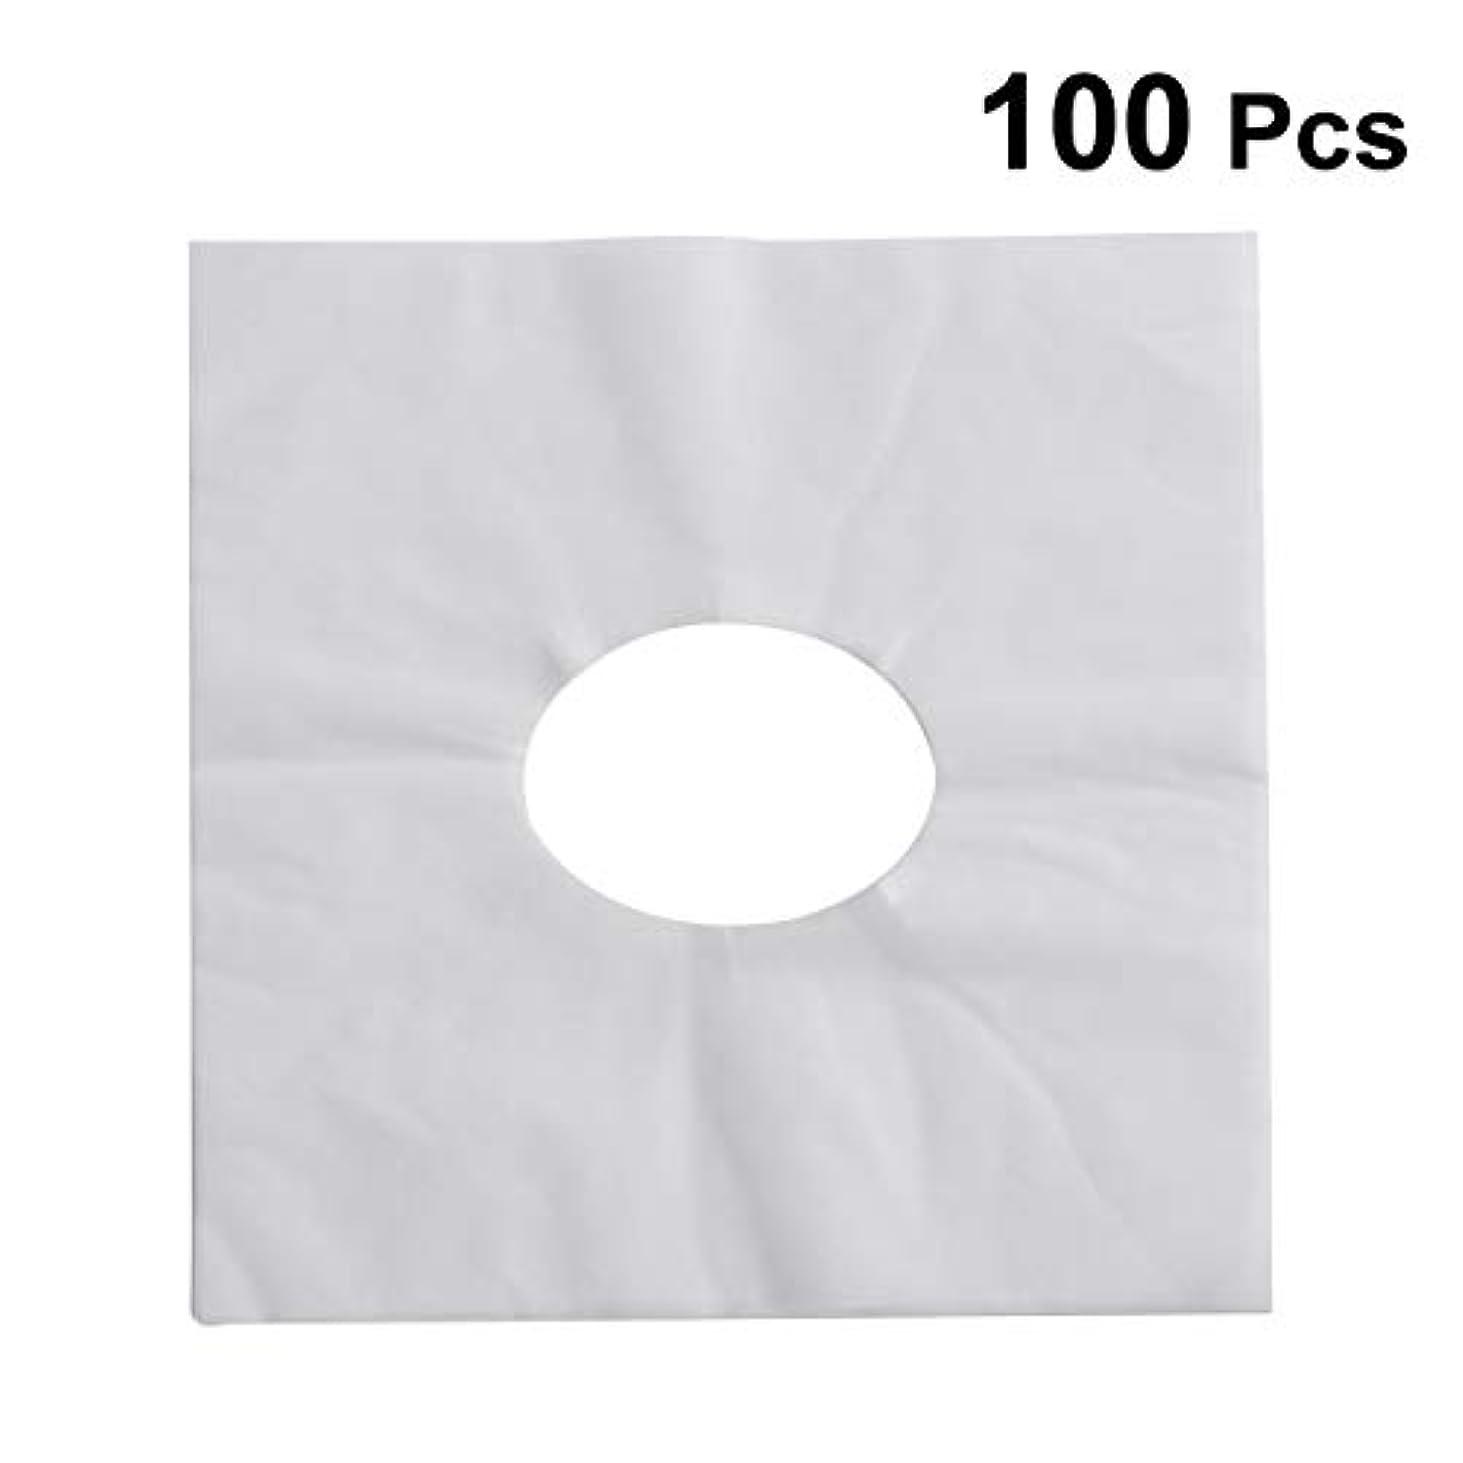 本物の対バリアHEALIFTY 使い捨てフェイスカバーパッドフェイスホールピロークッションマットSPA 100個入(ホワイト)